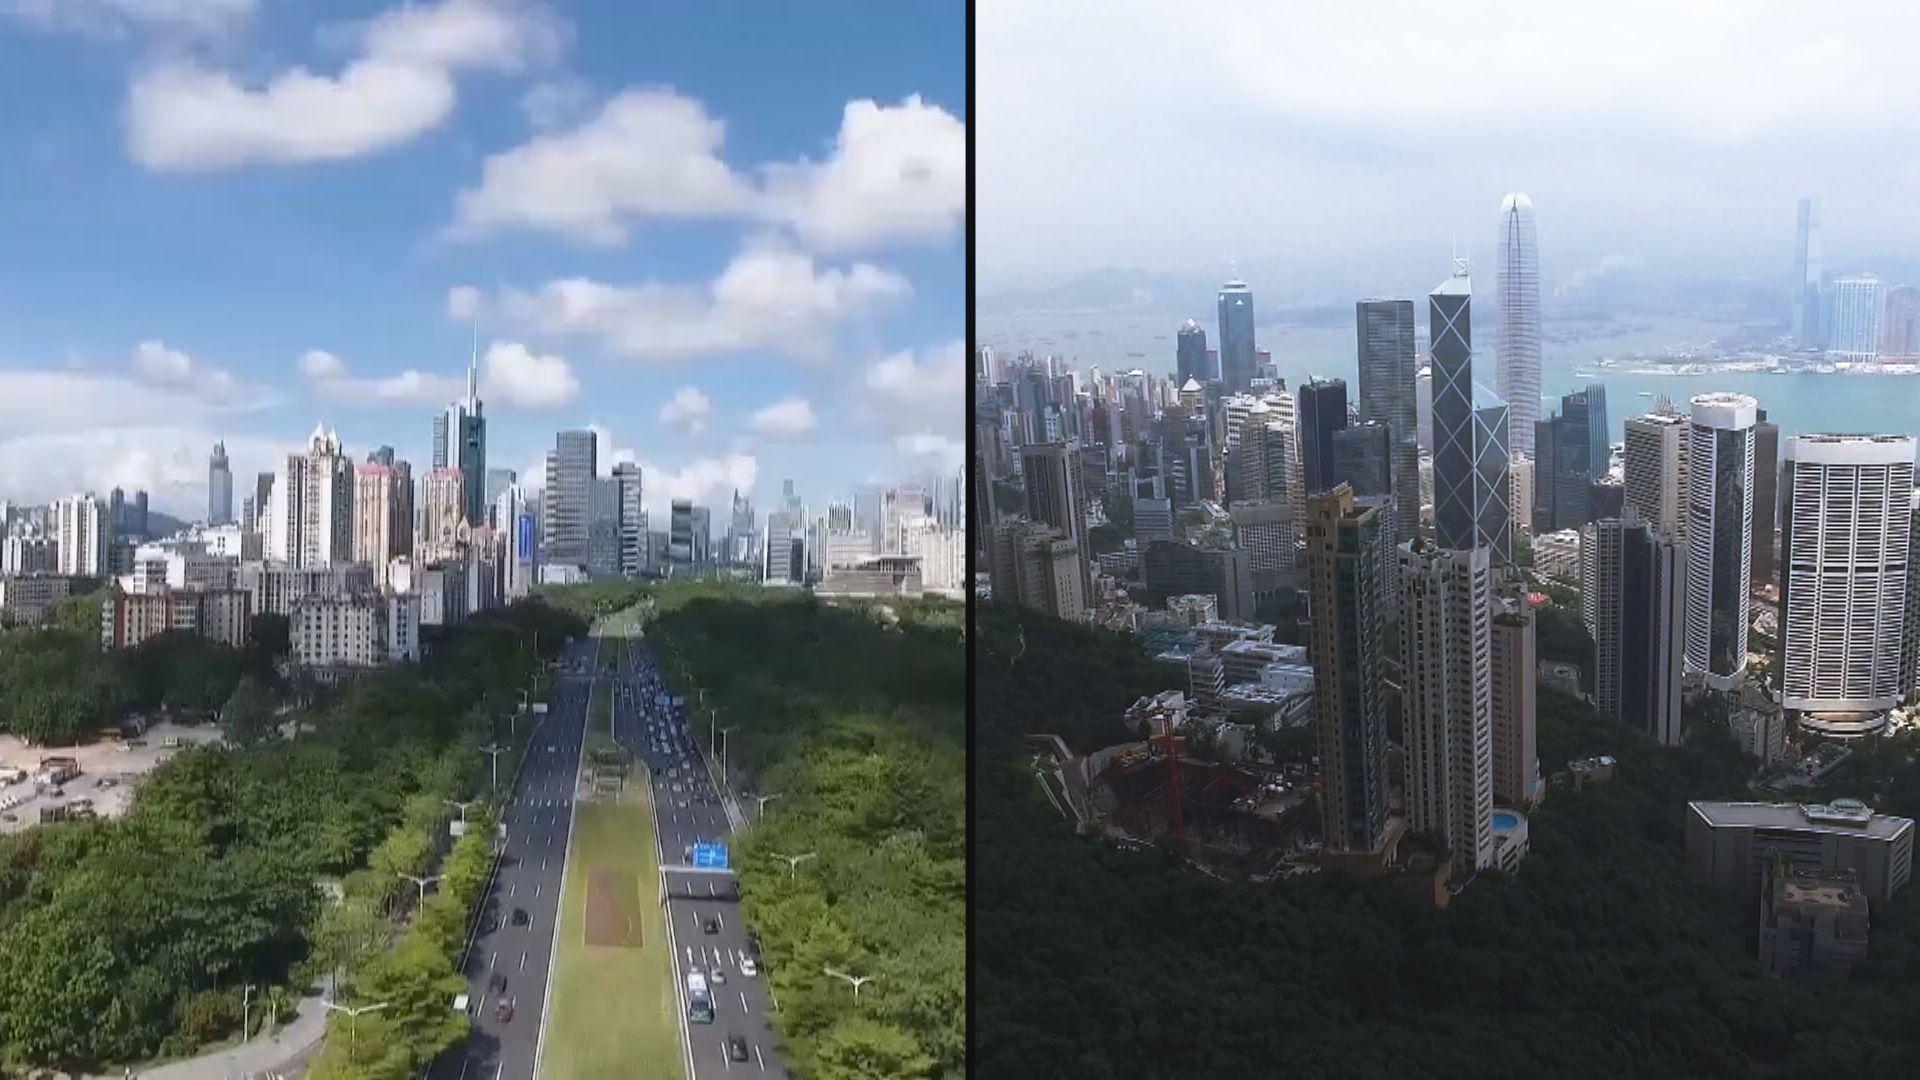 習稱深圳是大灣區重要引擎 學者認為深港仍可互補